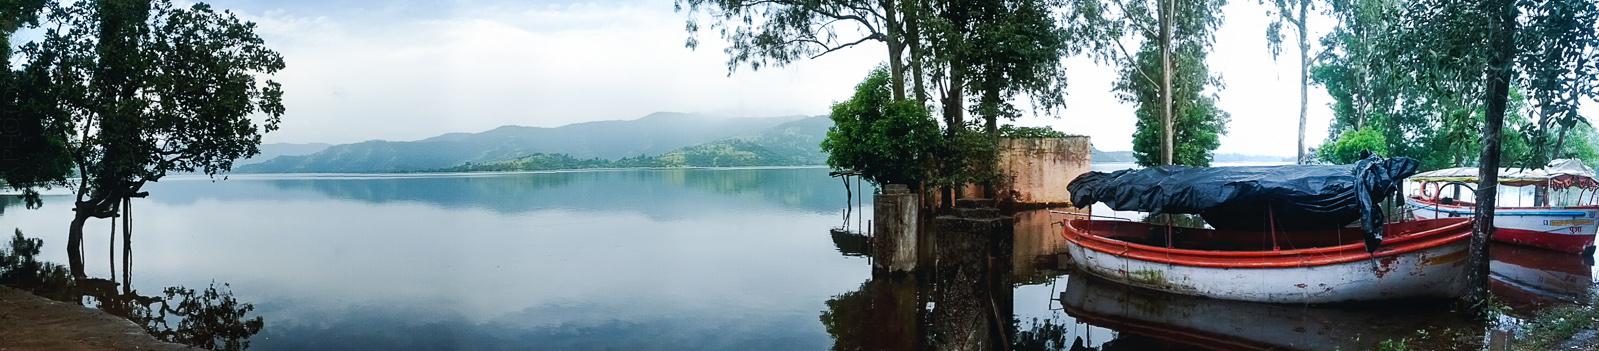 Shiv Sagar panorama